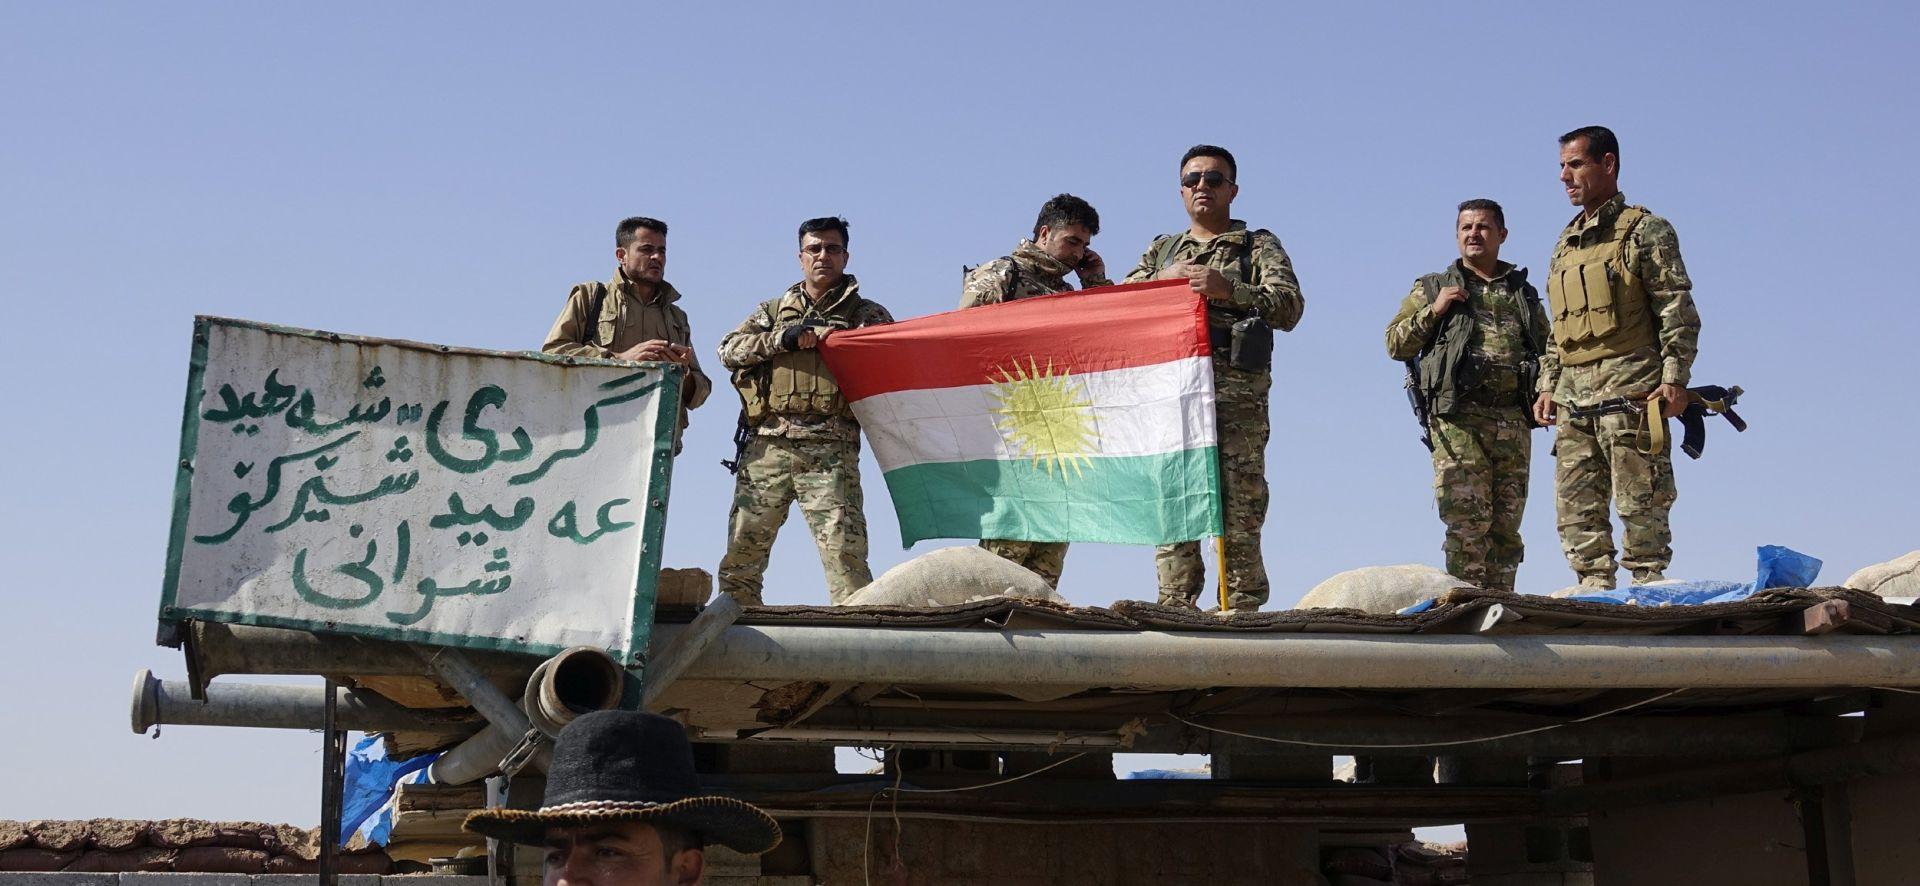 ODGOVOR NA KURDSKI REFERENDUM Iračke snage zauzele Kirkuk